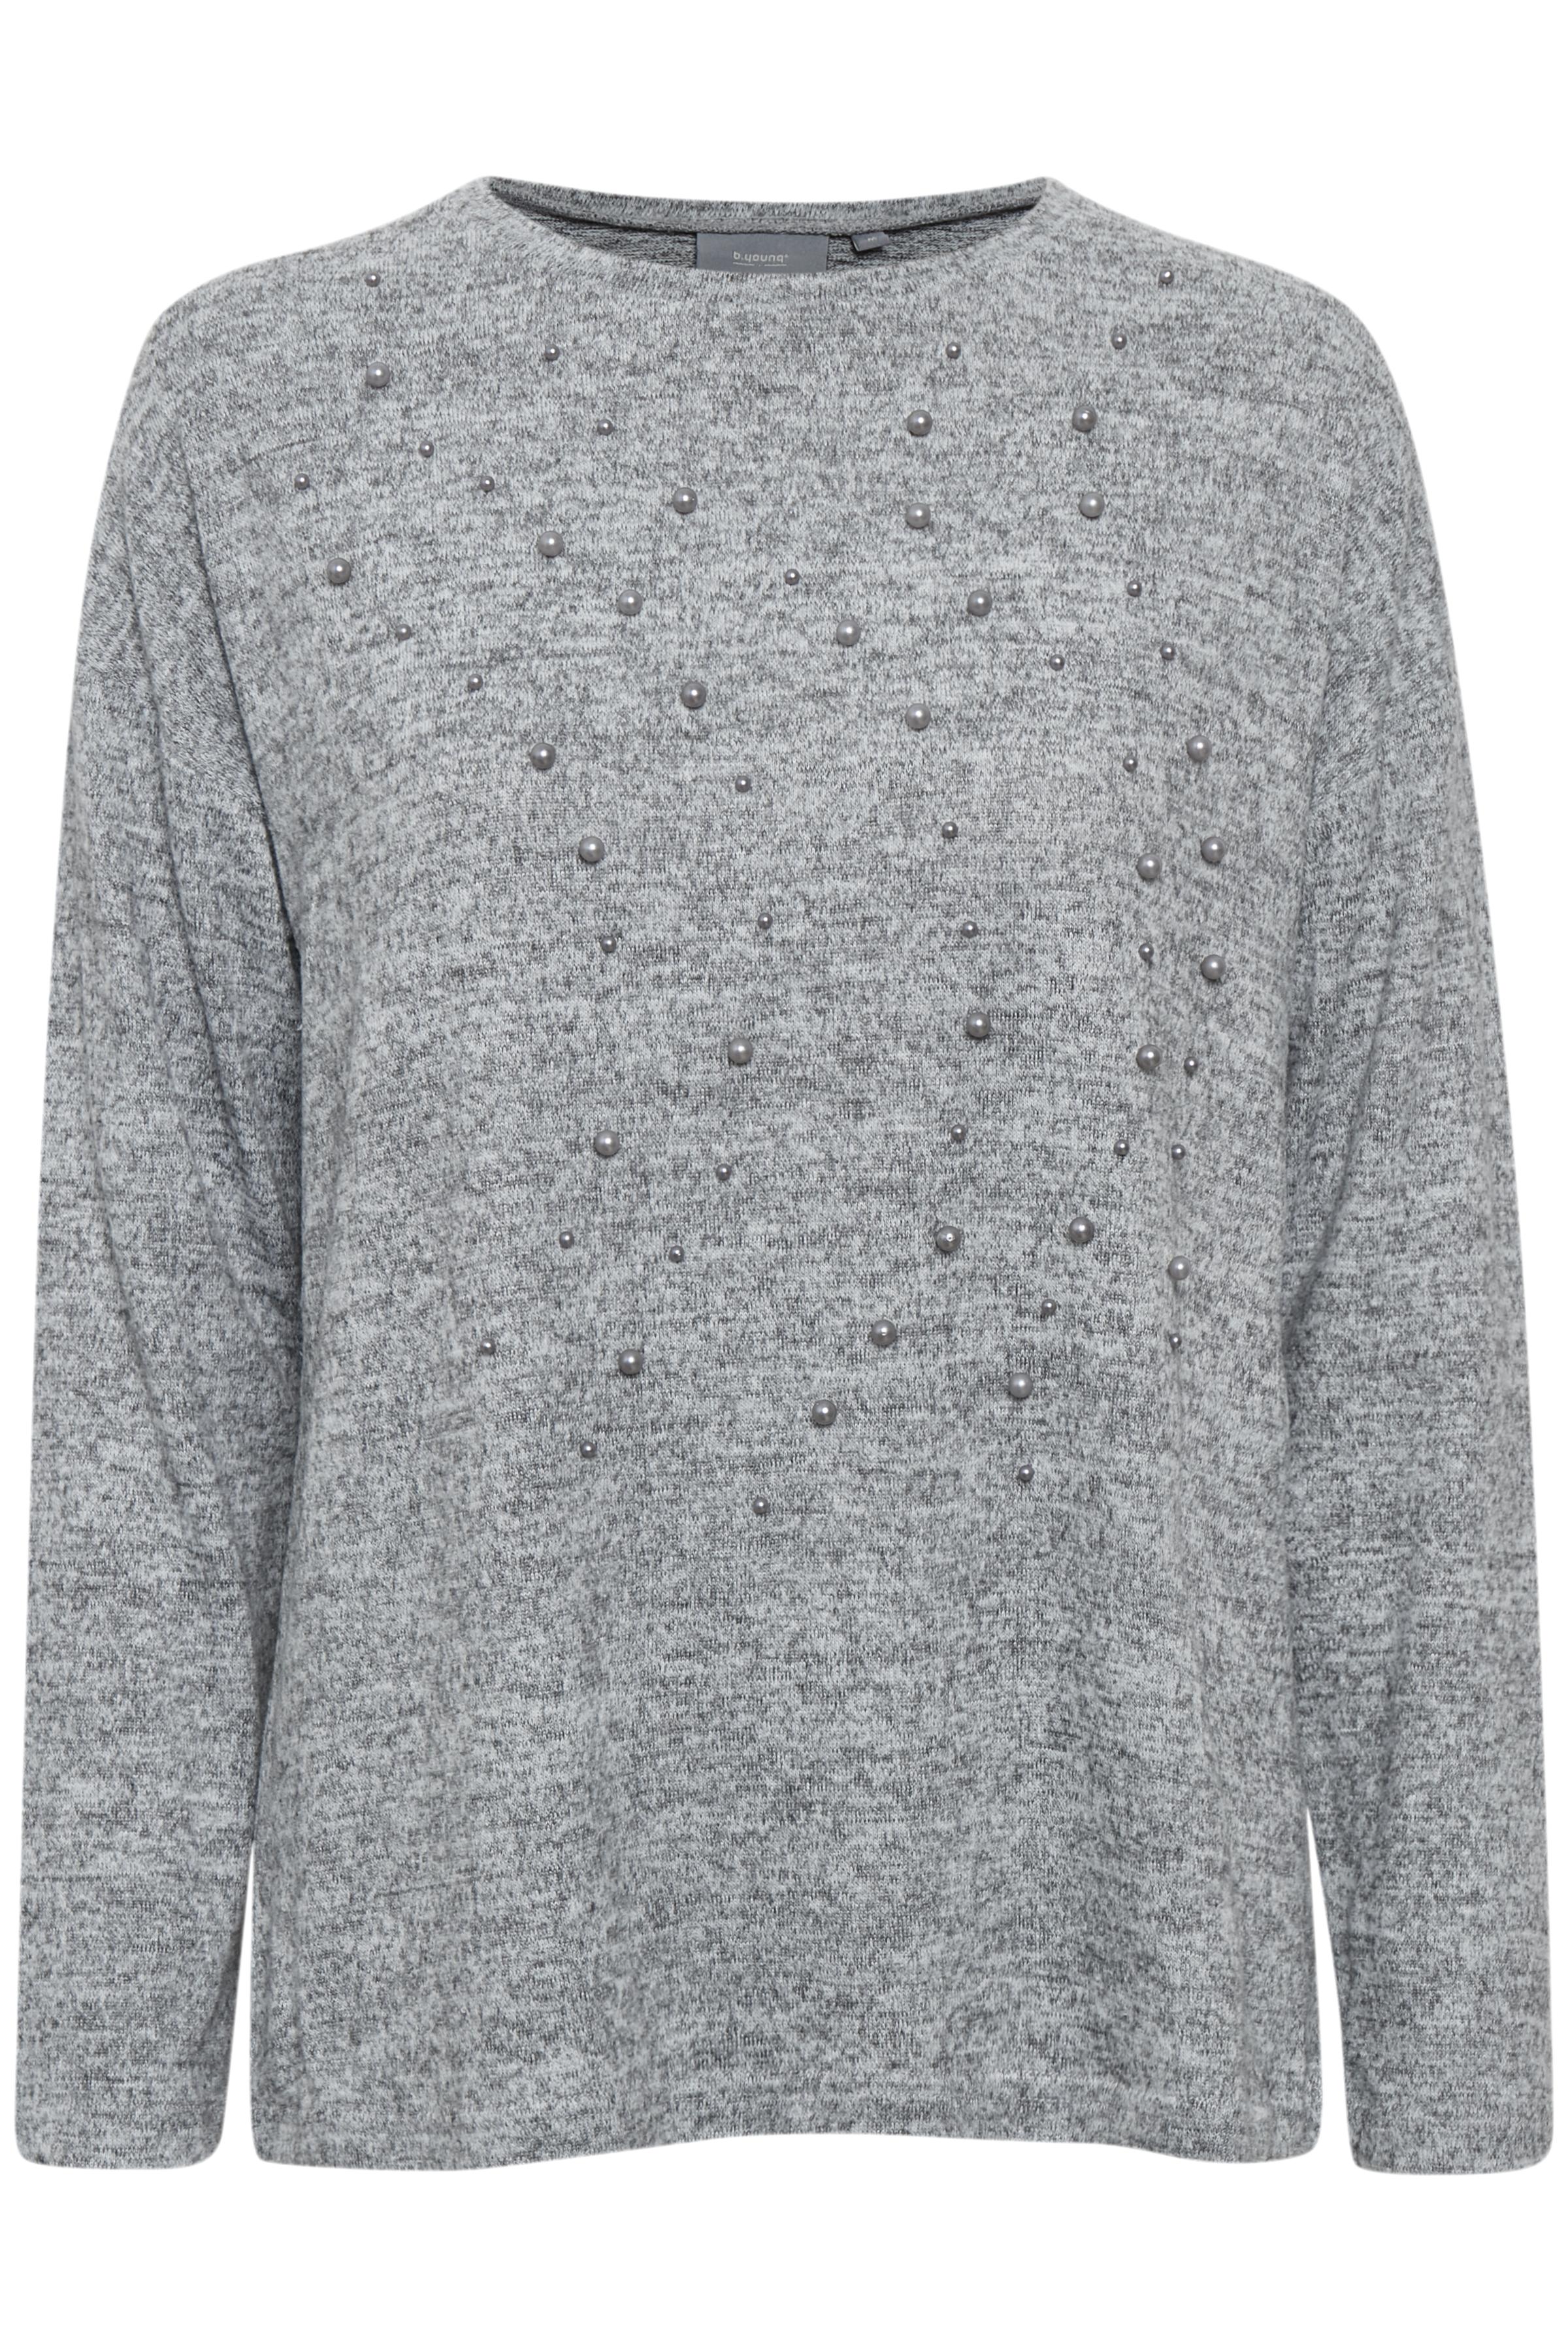 Med. Grey Mel. Langærmet bluse fra b.young – Køb Med. Grey Mel. Langærmet bluse fra str. XS-XXL her